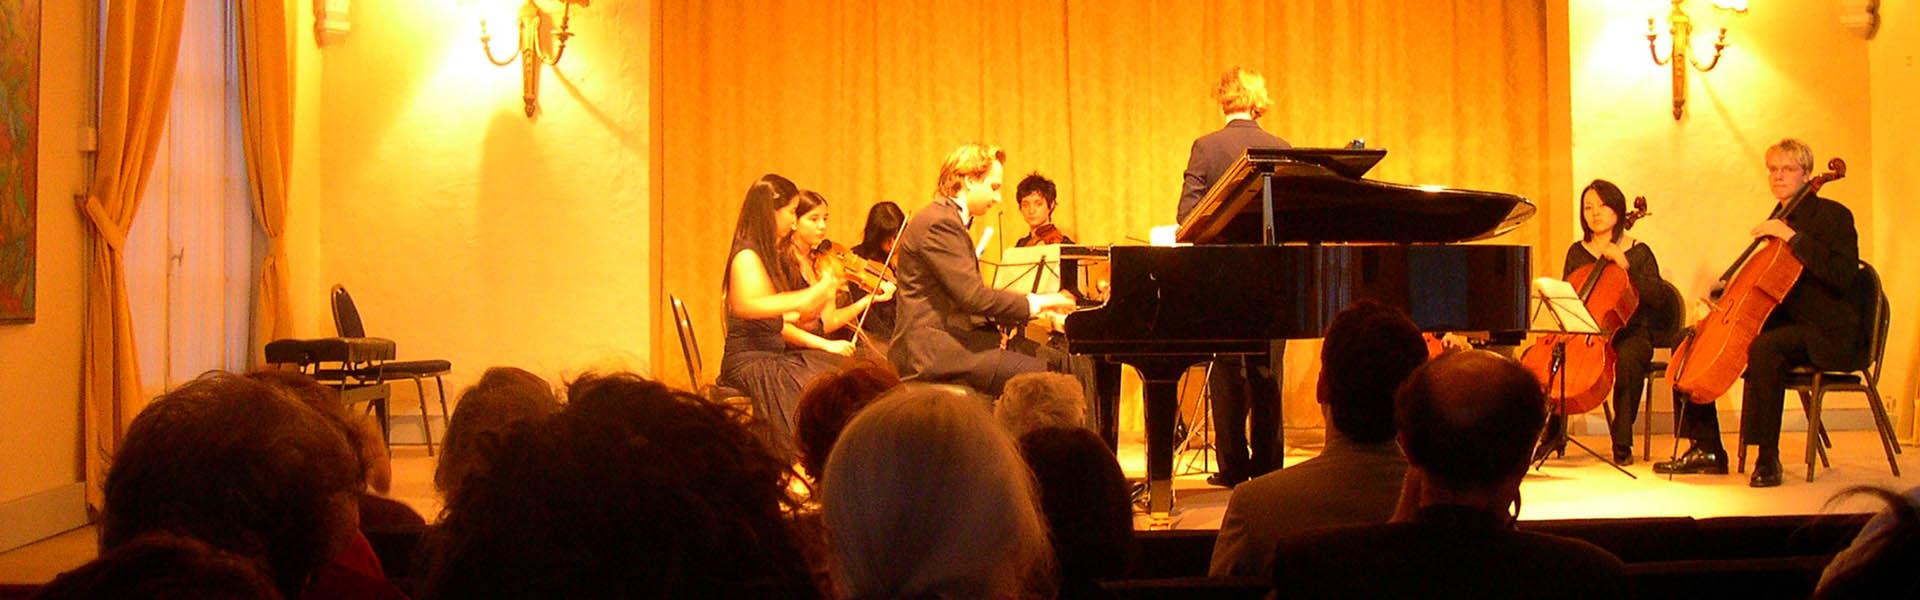 Concert au Théâtre